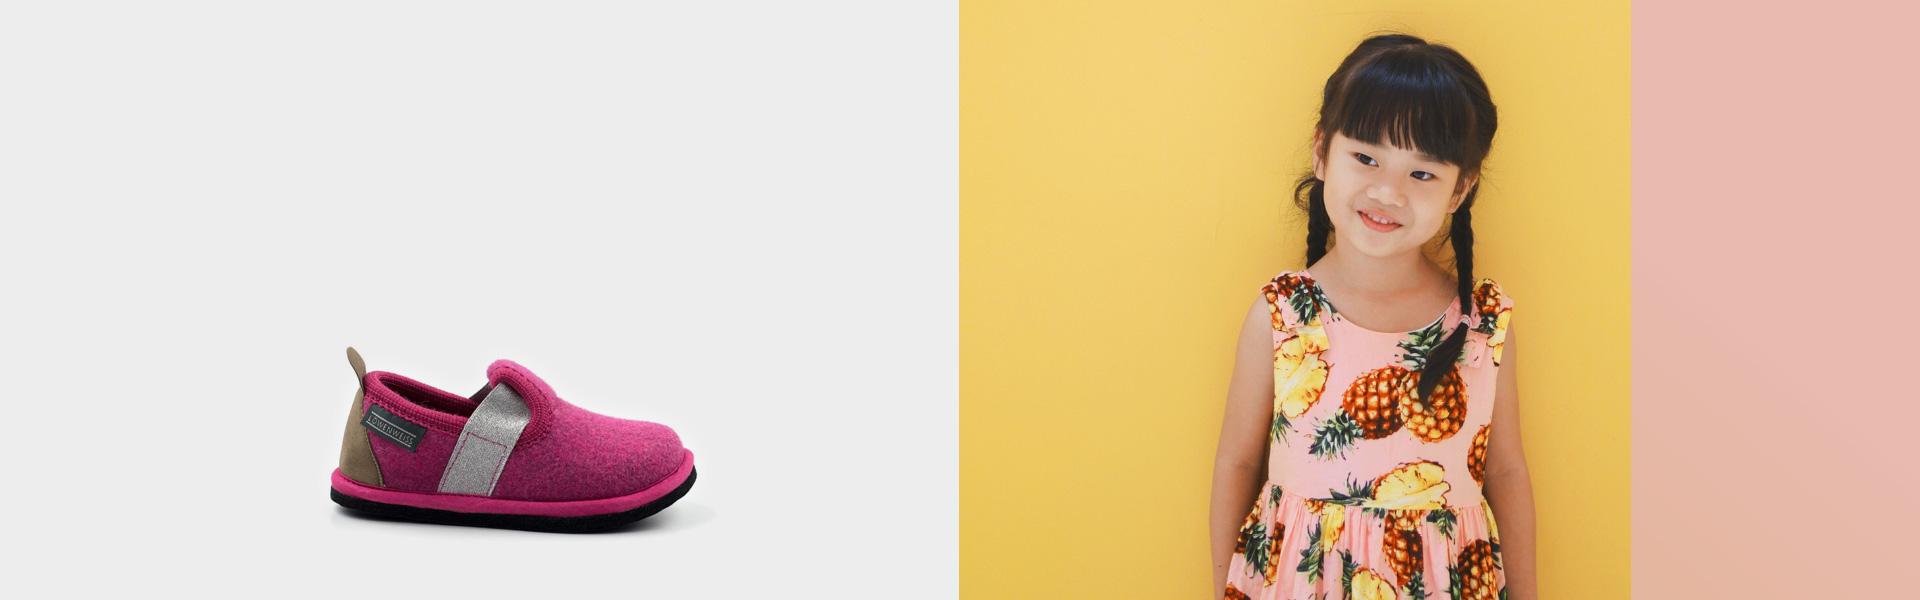 Pantofola bambino estate